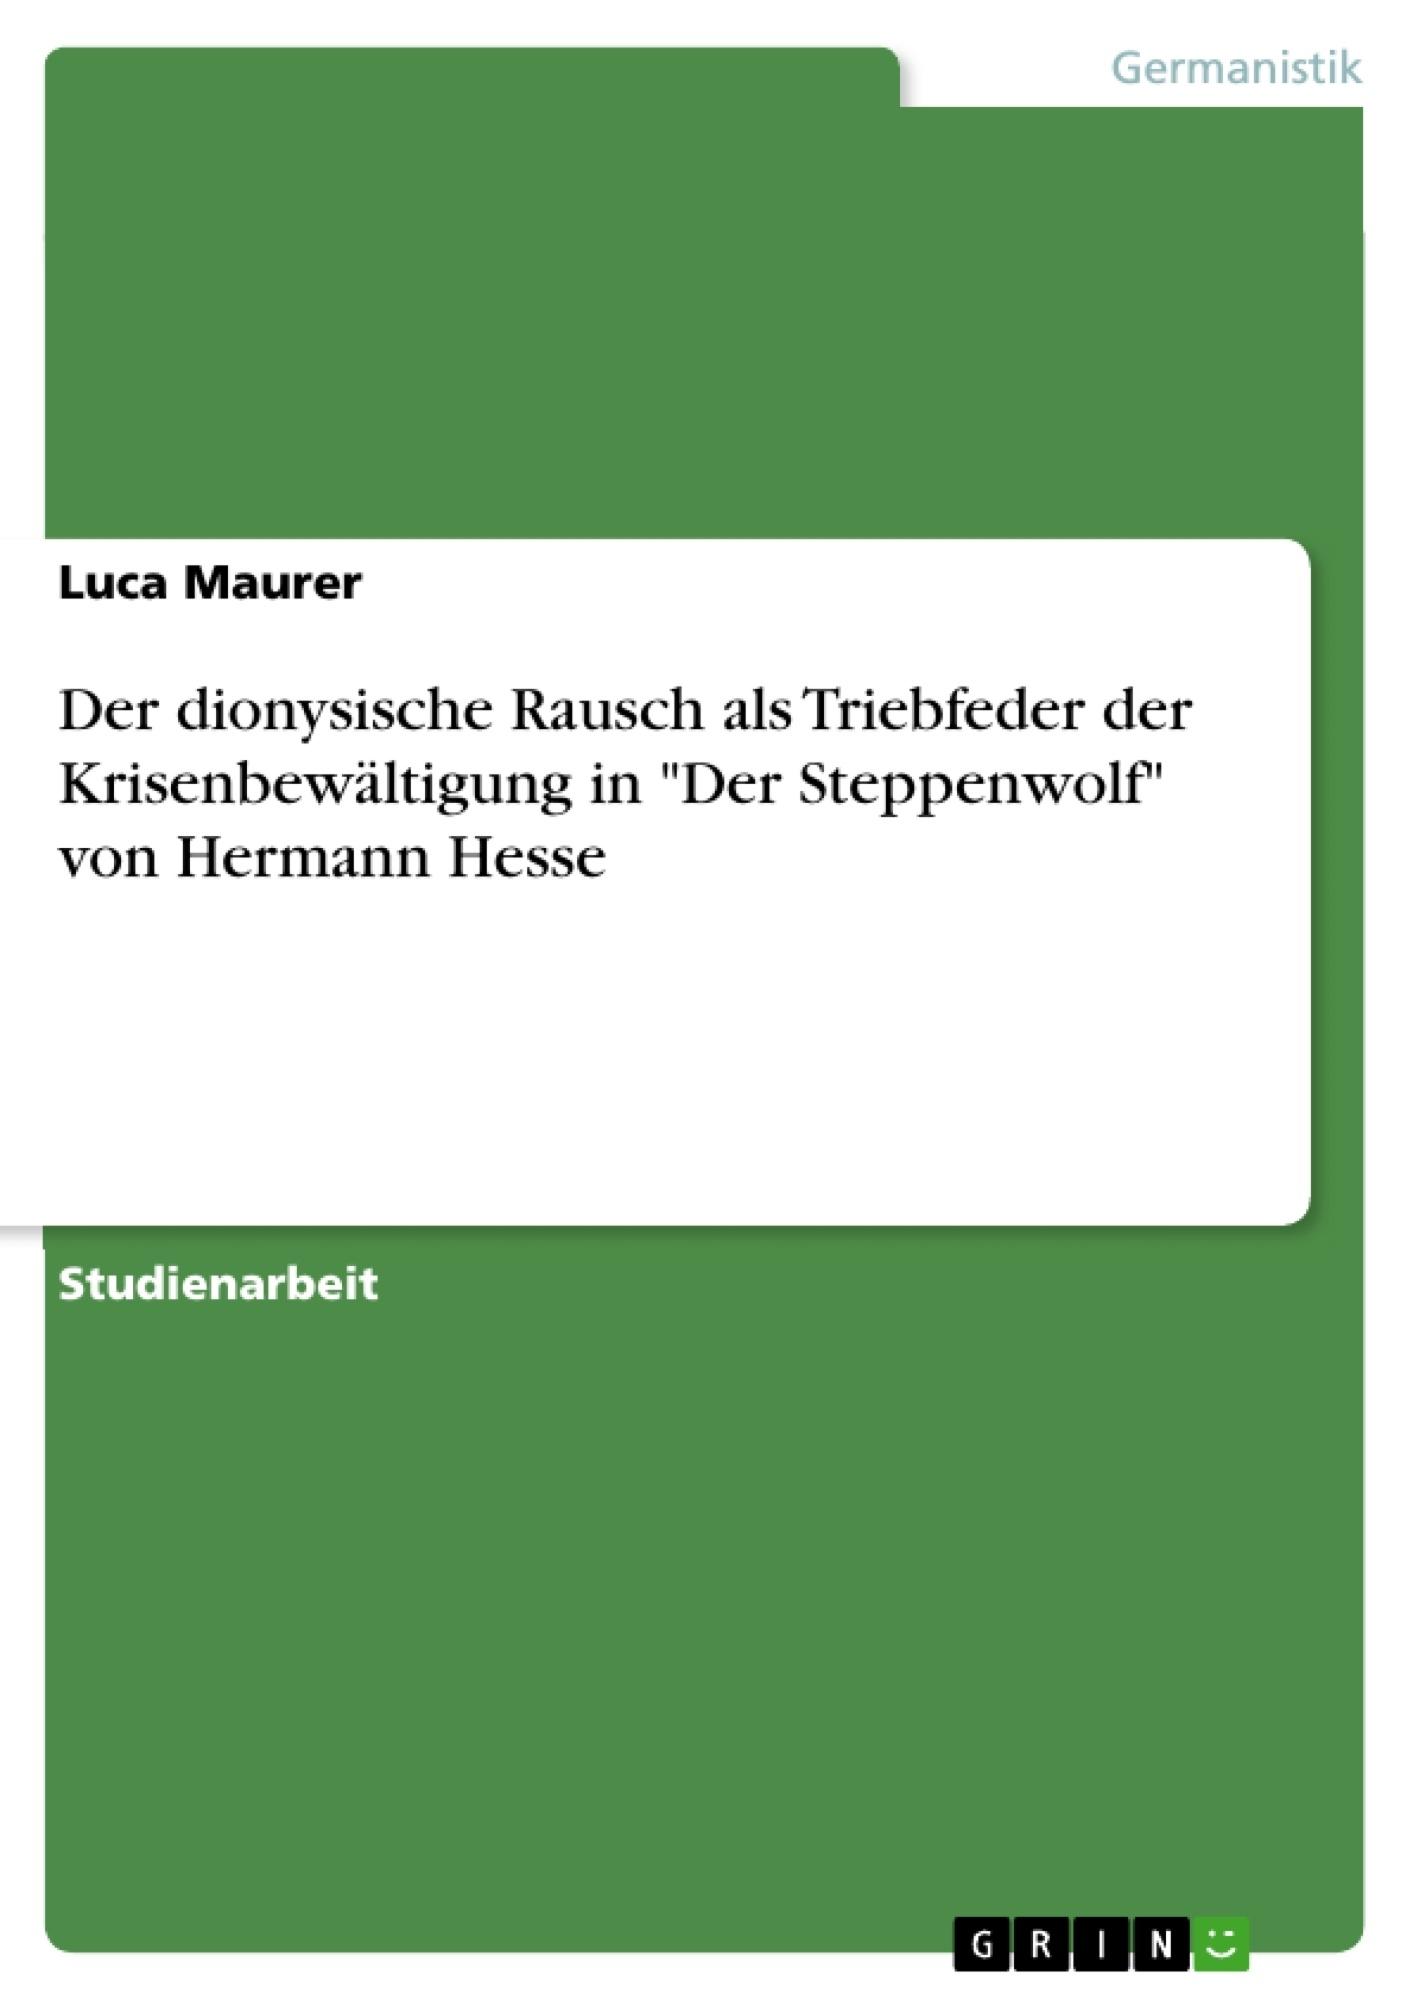 """Titel: Der dionysische Rausch als Triebfeder der Krisenbewältigung in """"Der Steppenwolf"""" von Hermann Hesse"""